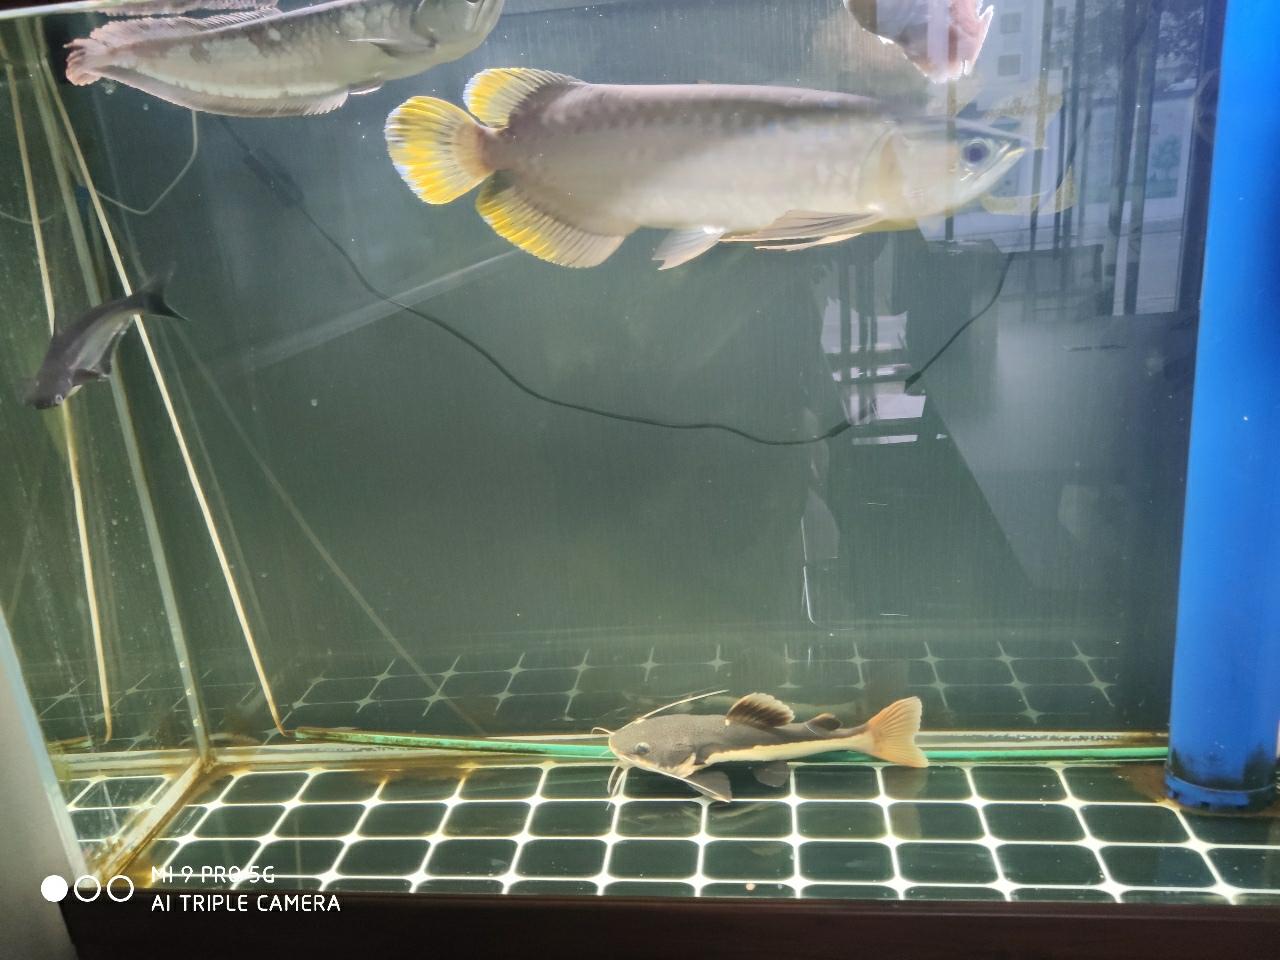 自己养的鱼,由于事务繁忙无暇顾及,现出售